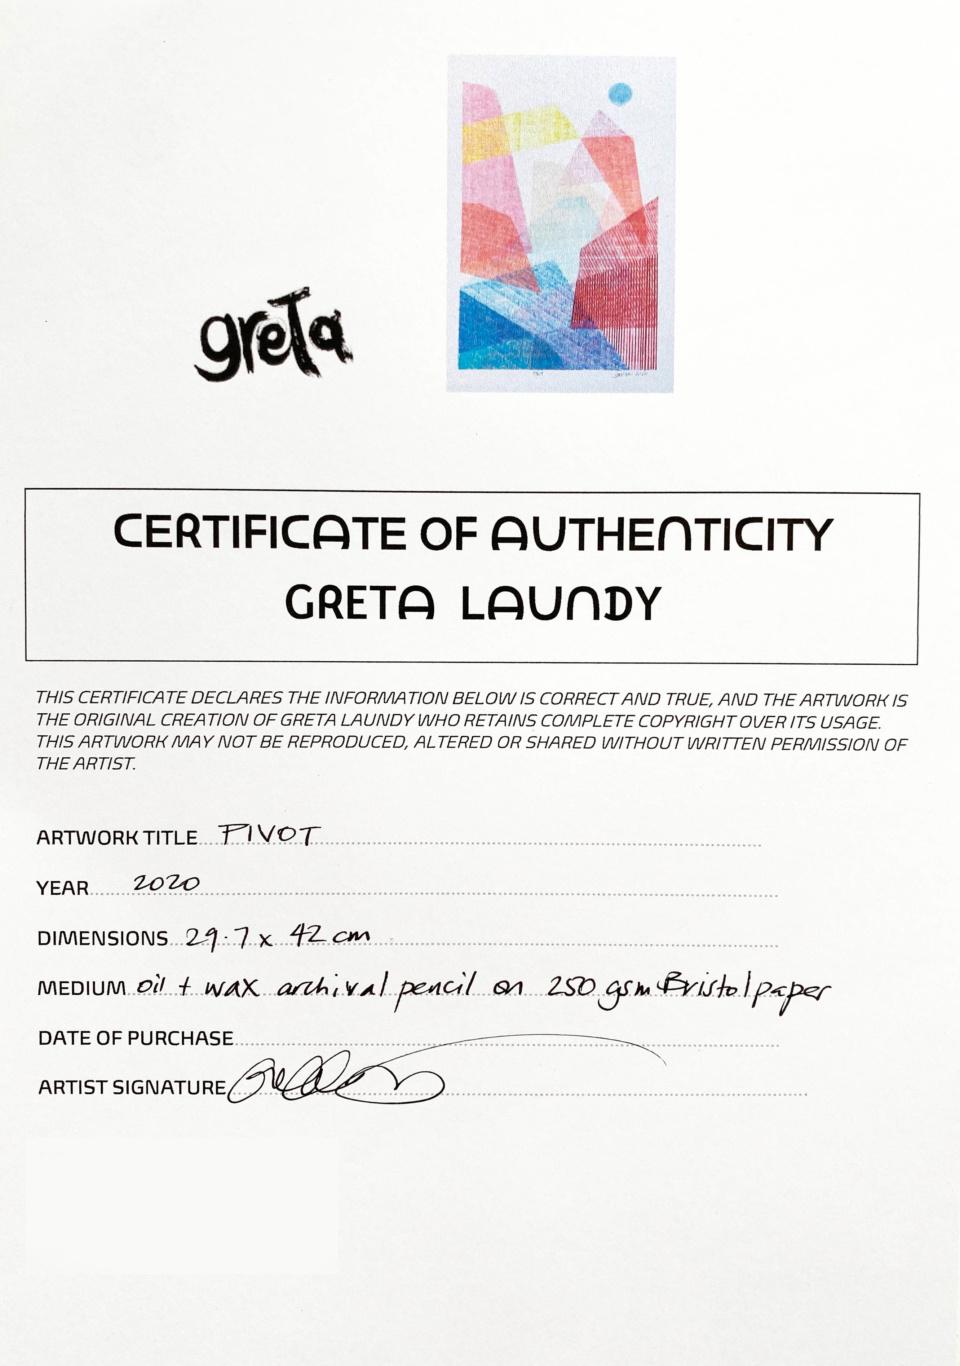 Greta Laundy Pivot COA